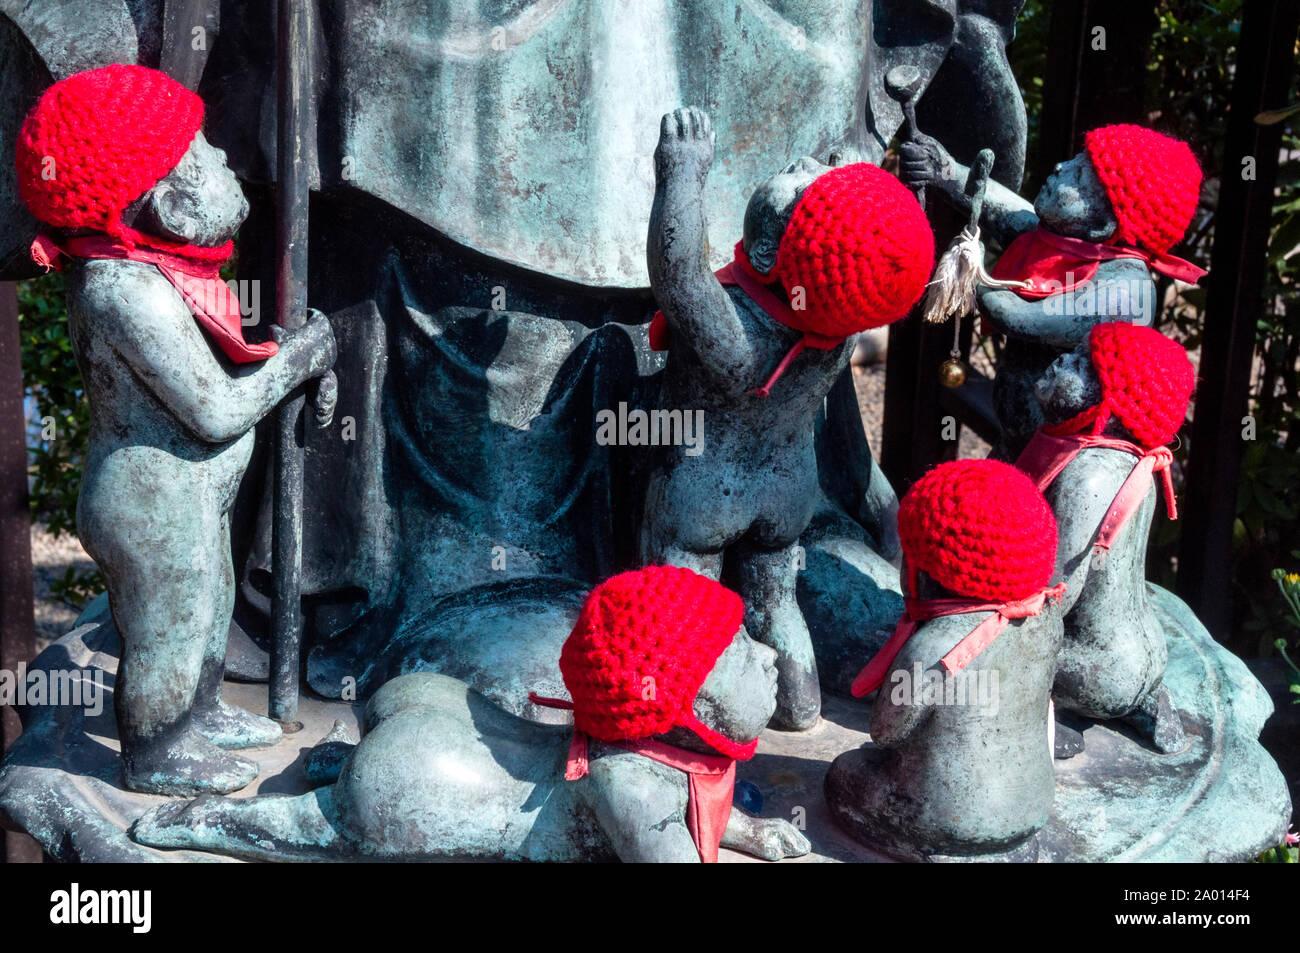 Tejido de sombreros rojos son conmovedores los regalos de los padres colocan en Jizu estatuas en honor a los niños por nacer, en Tokio, Japón. Foto de stock